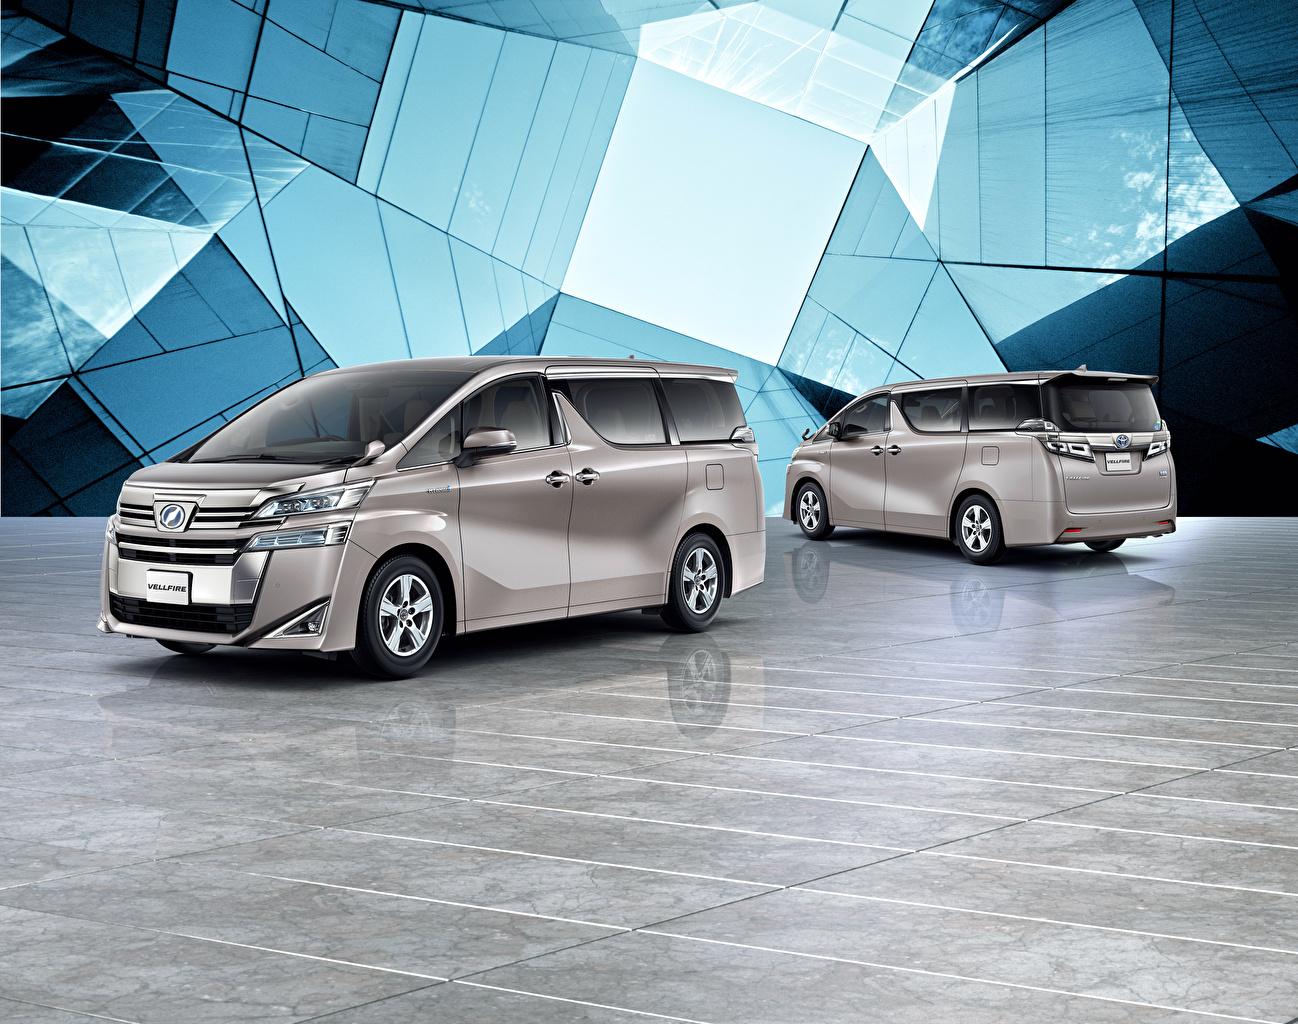 Фотографии Тойота 2018-19 Vellfire X Минивэн 2 серая авто Toyota две два Двое Серый серые вдвоем машина машины автомобиль Автомобили